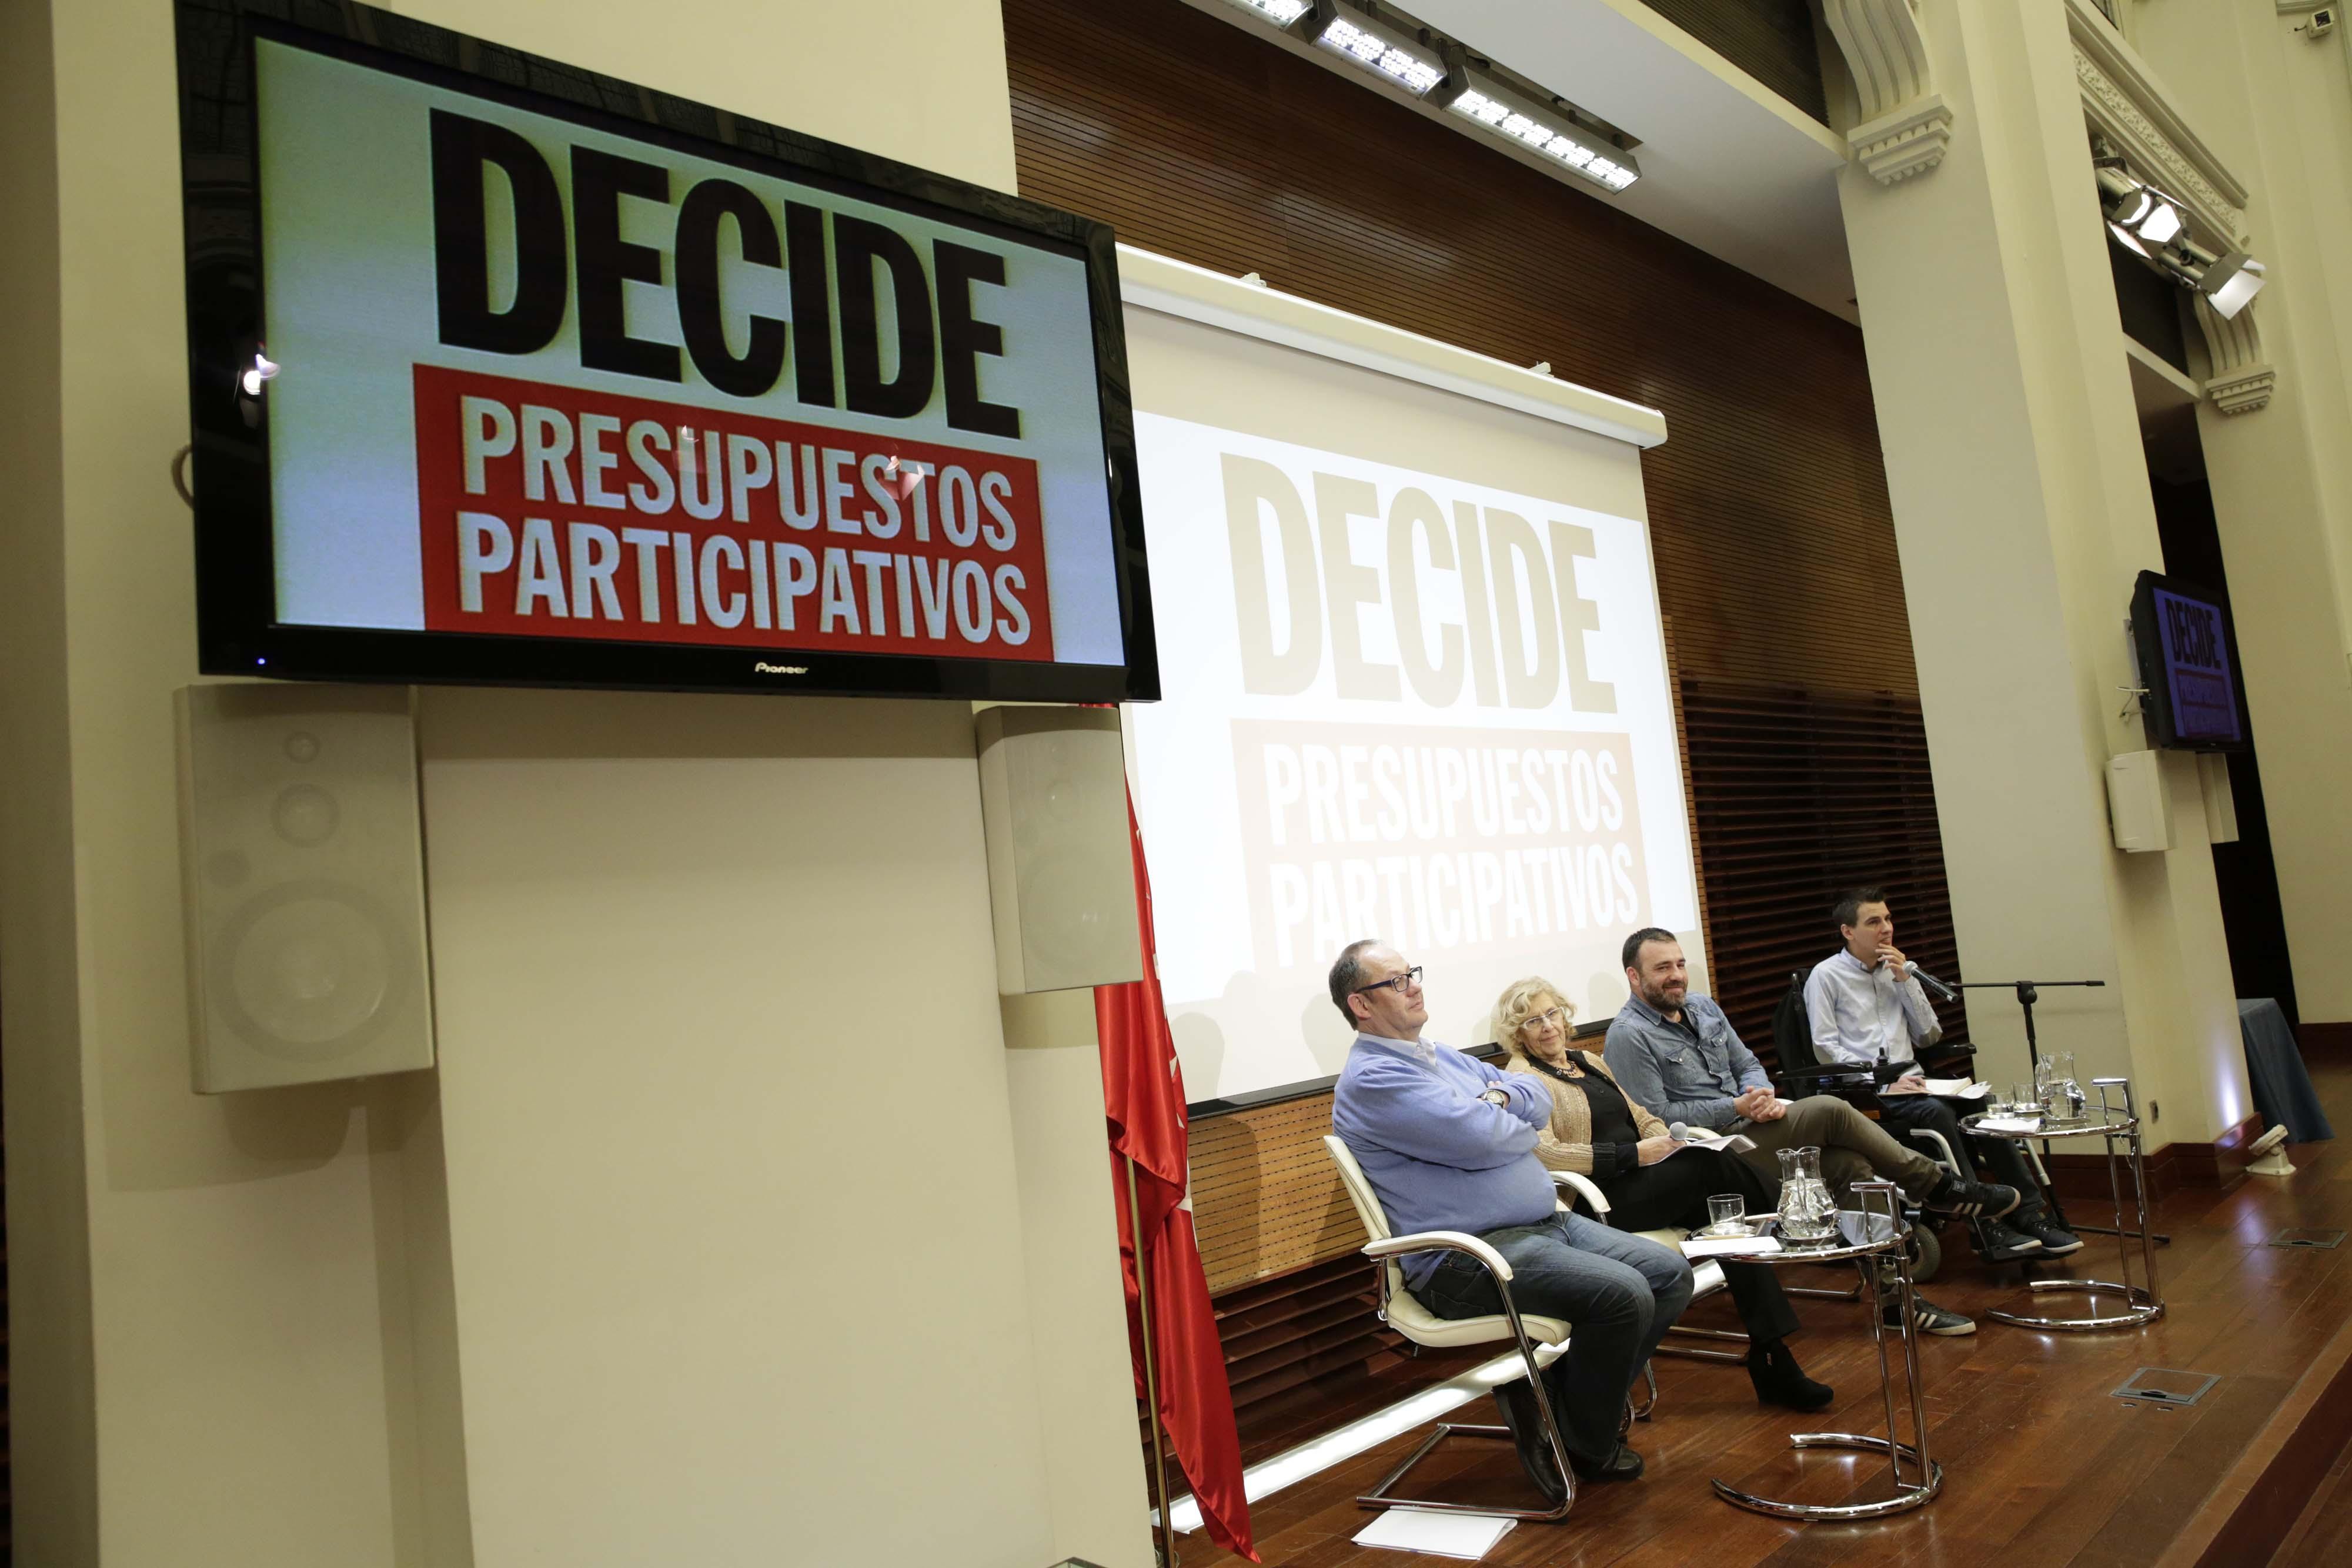 Presupuestos participativos 2017, una oportunidad de proponer mejoras para Chueca